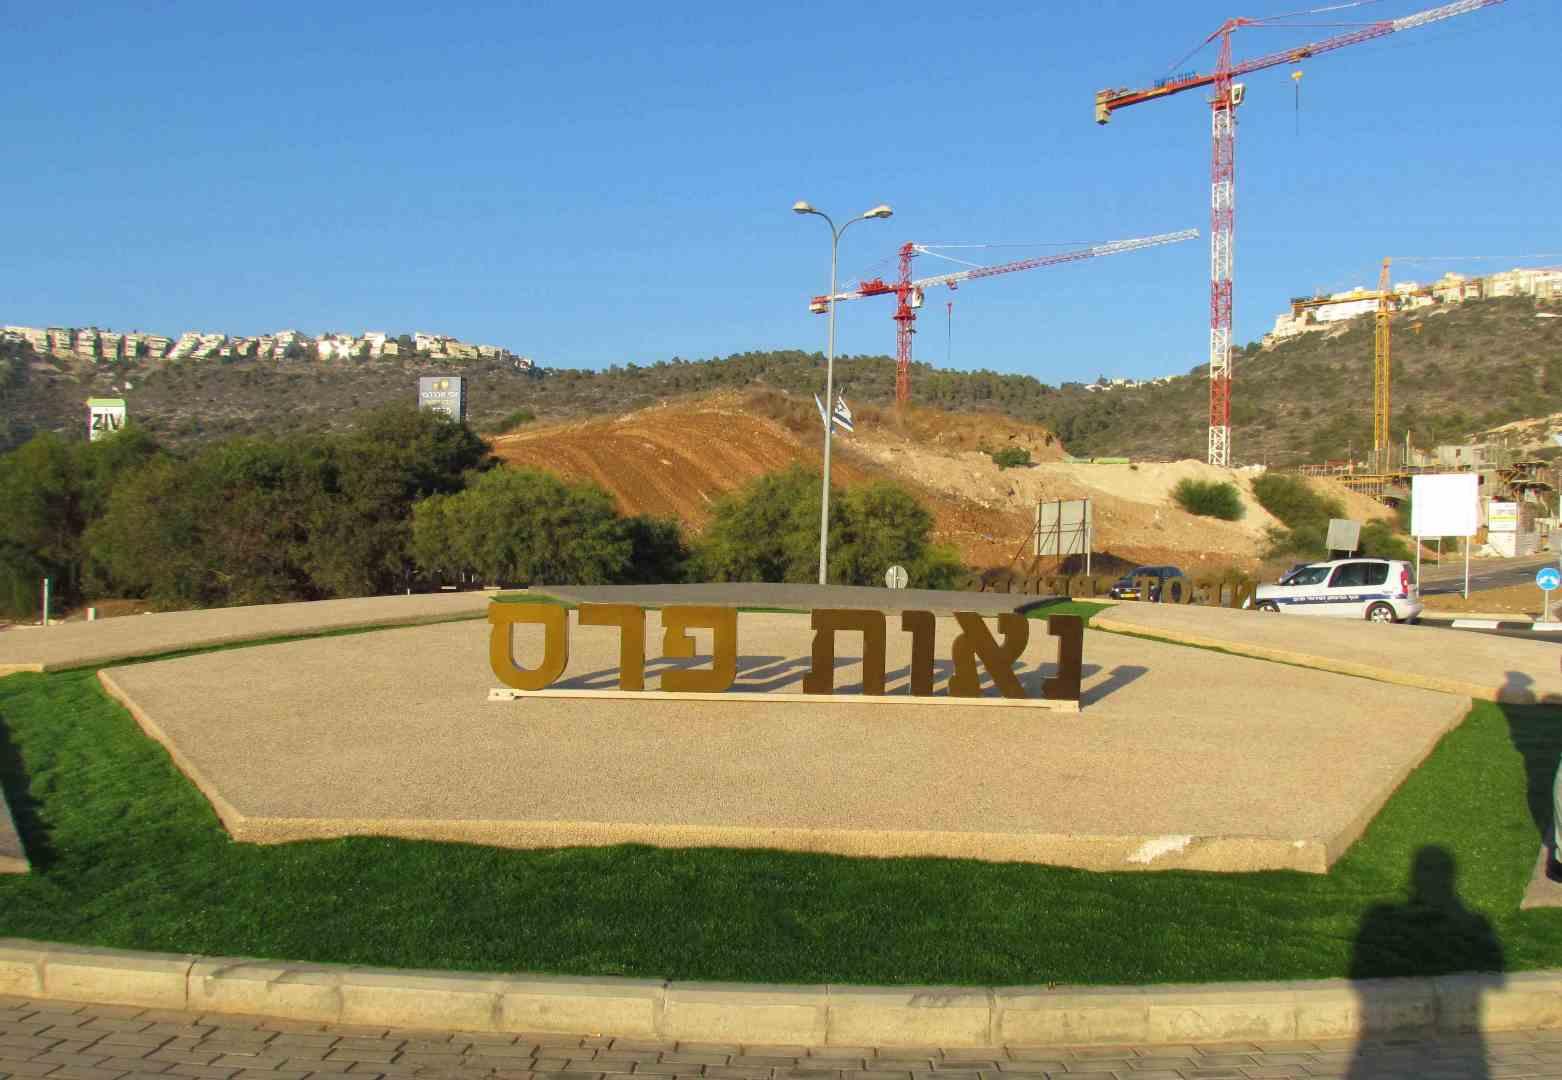 שילוט שכונת נאות פרס בחיפה